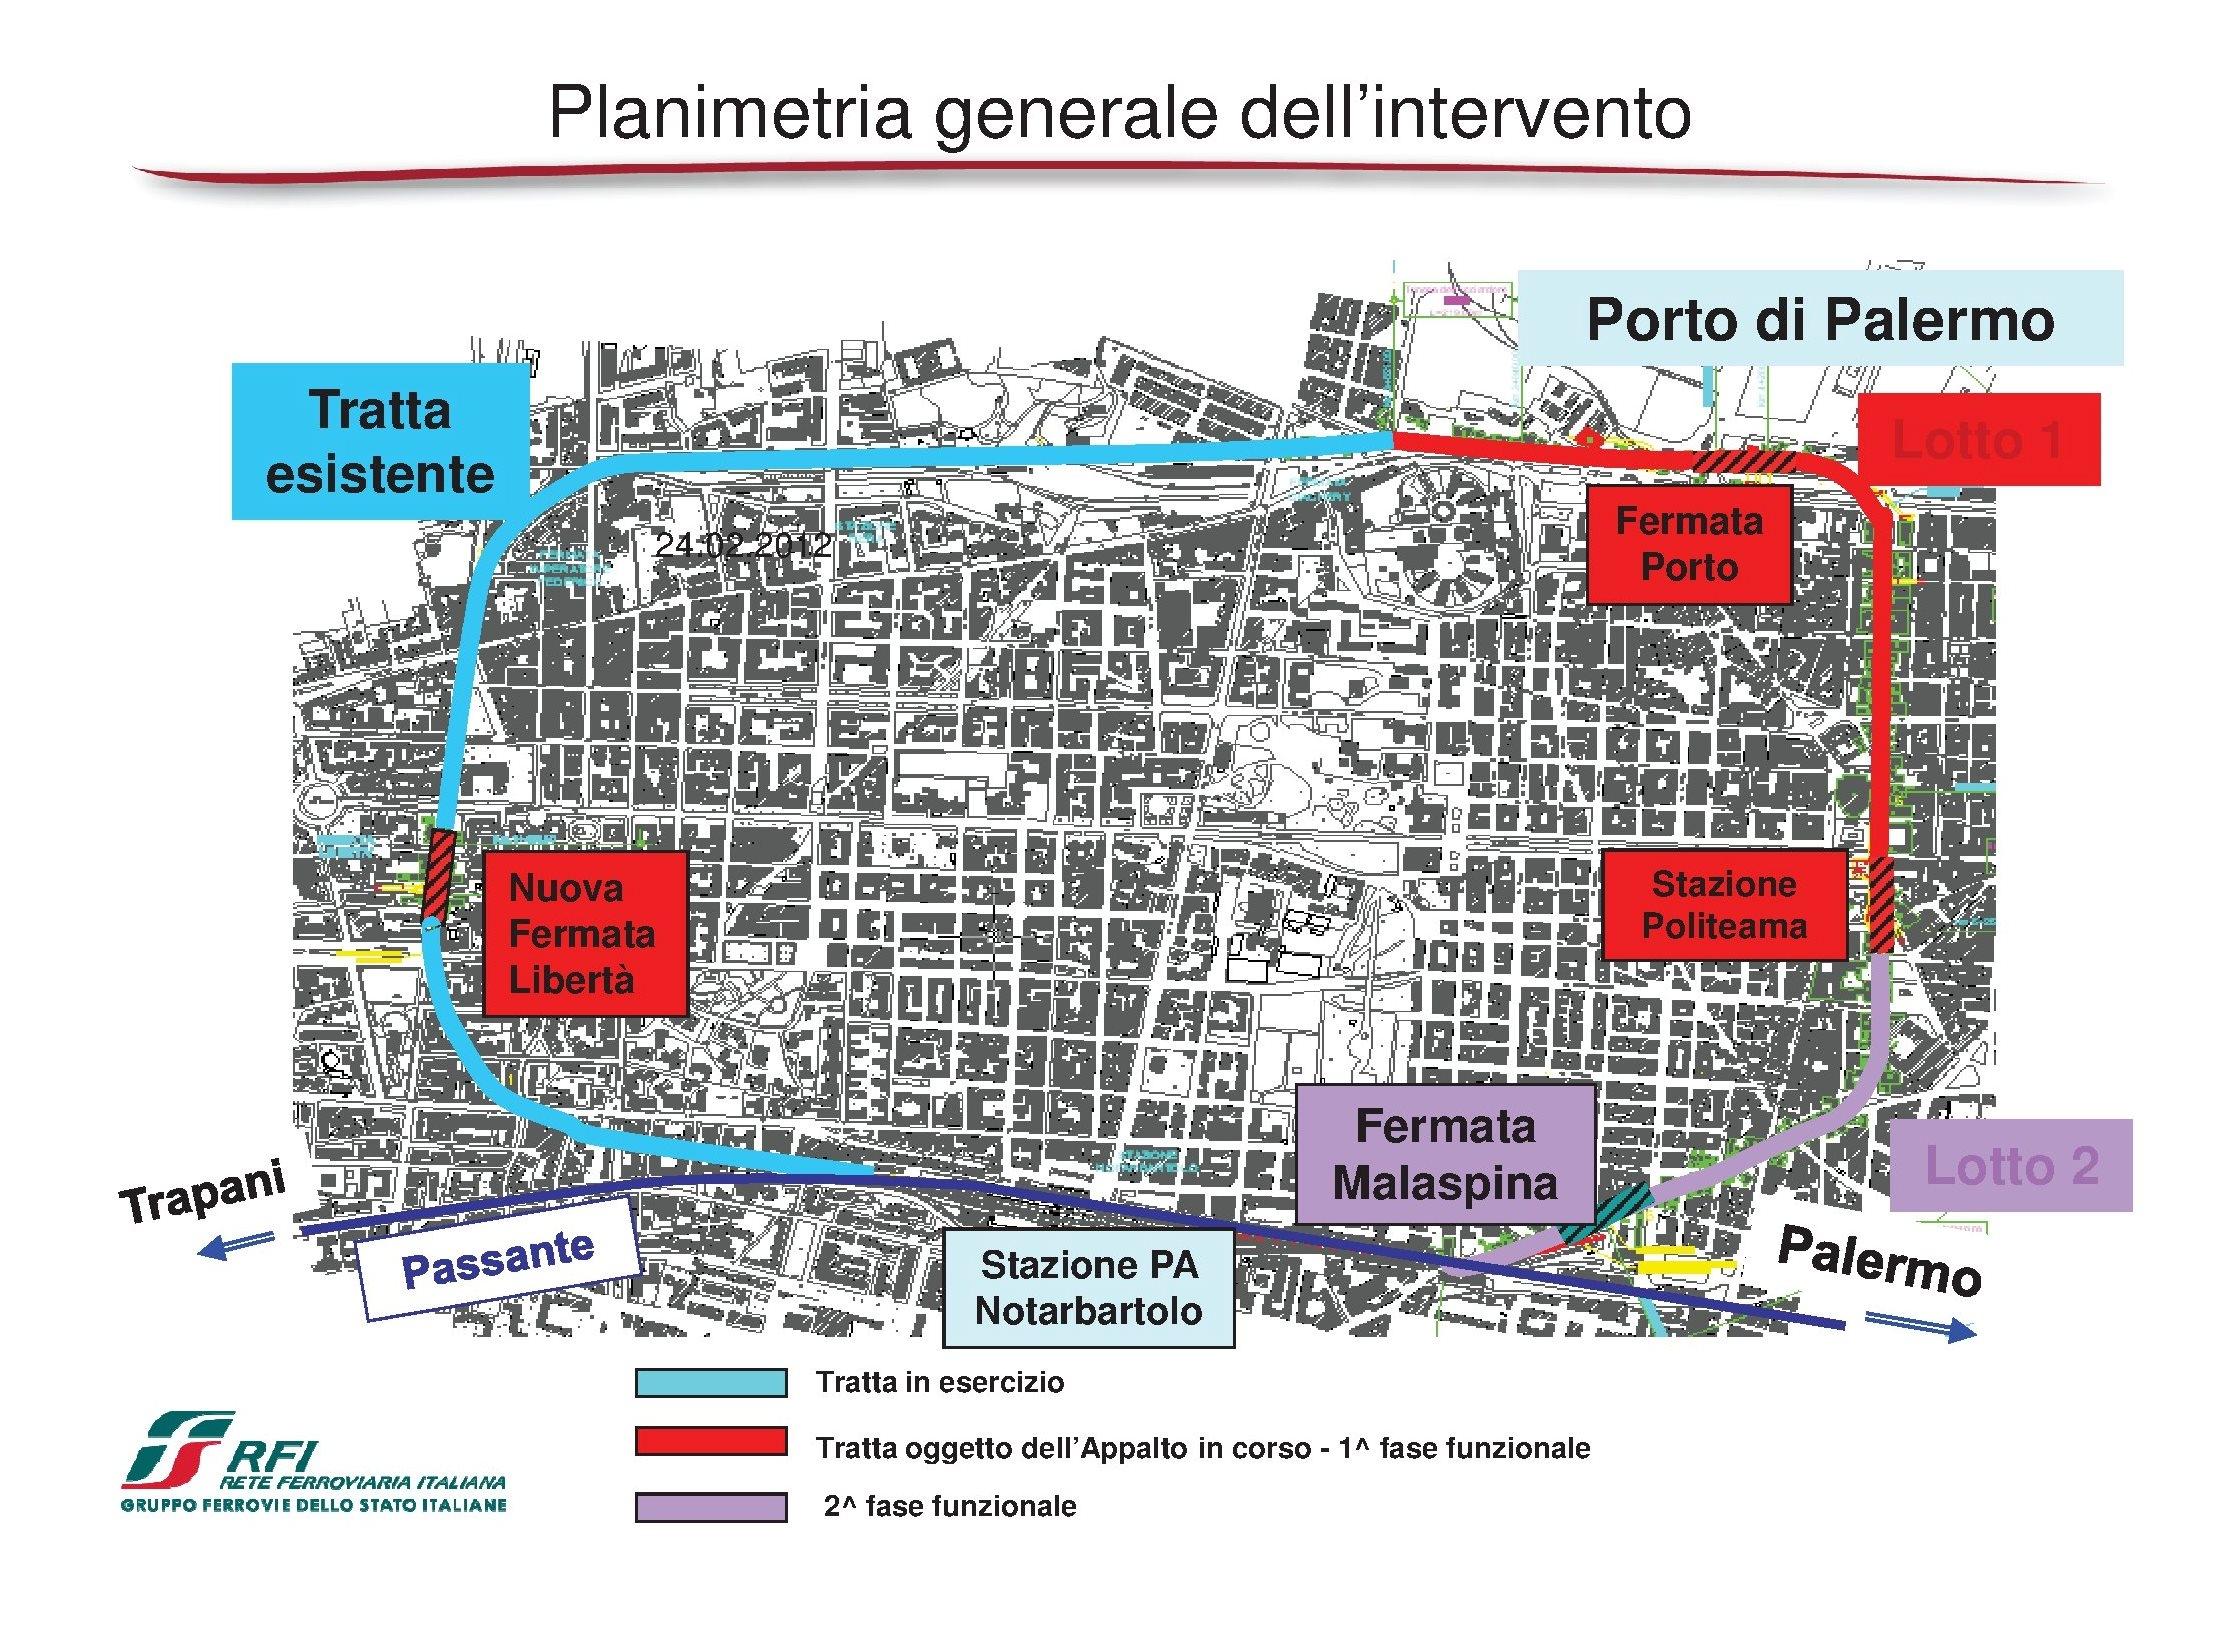 Anello_Palermo